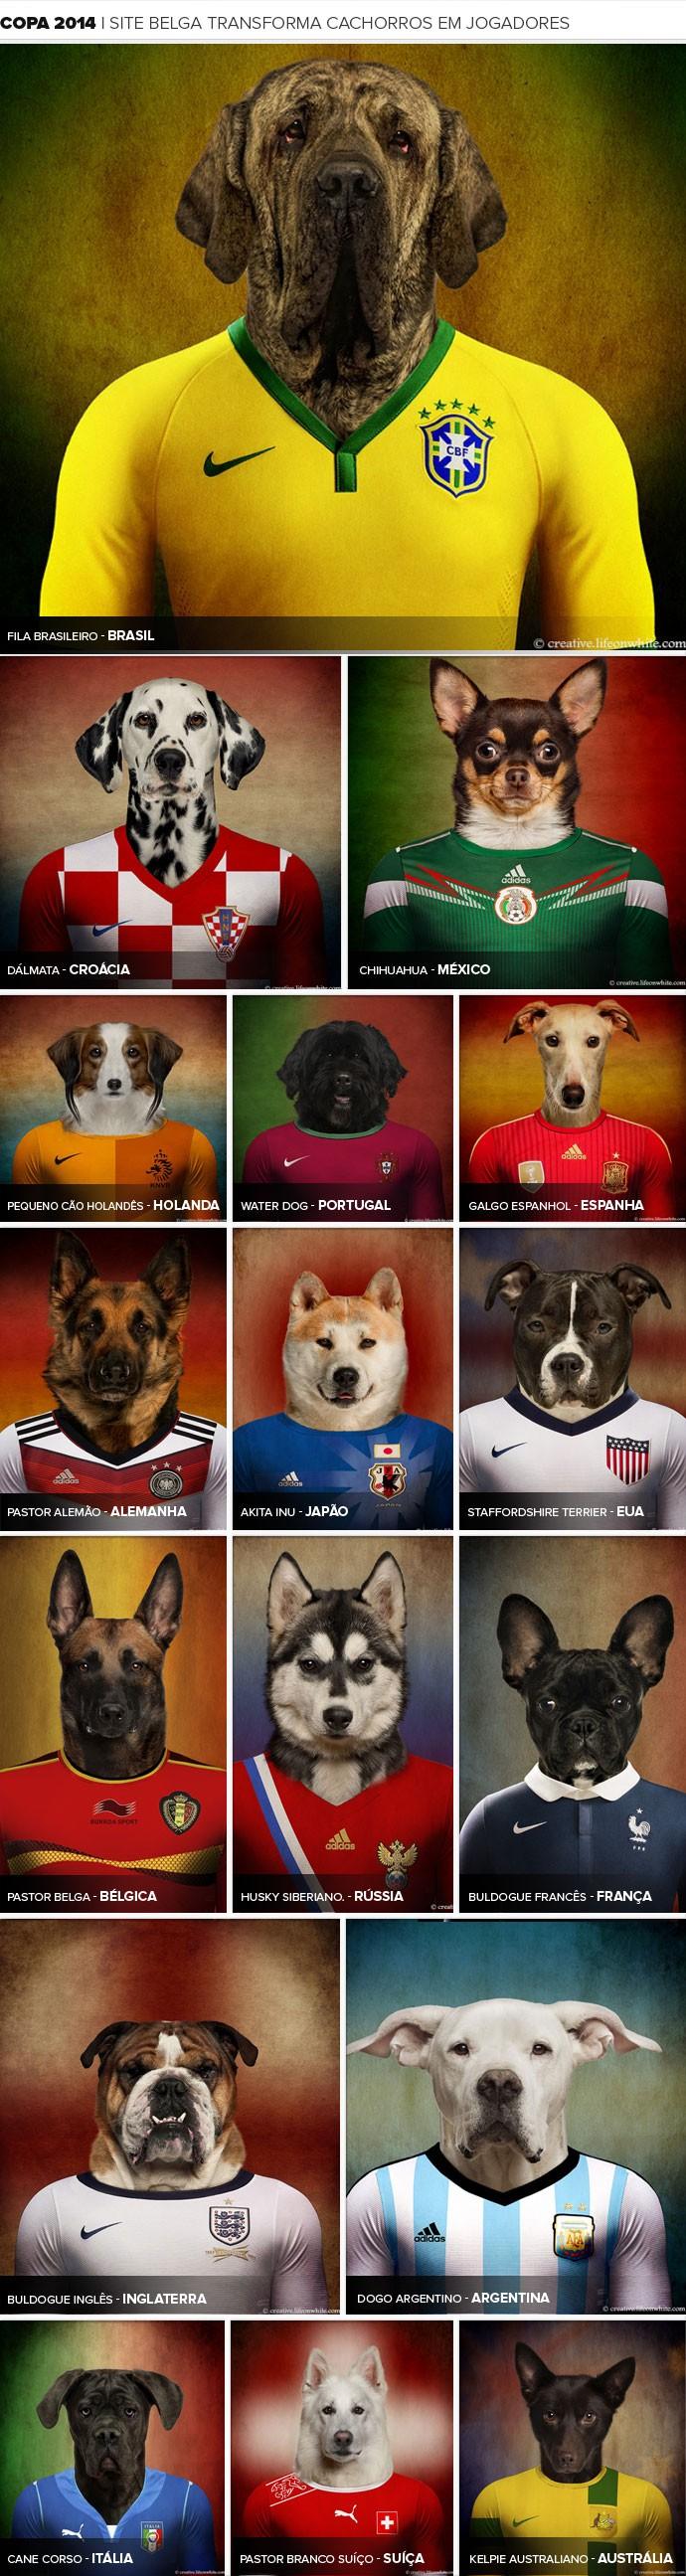 MOSAICO cachorros camisa seleções copa do mundo